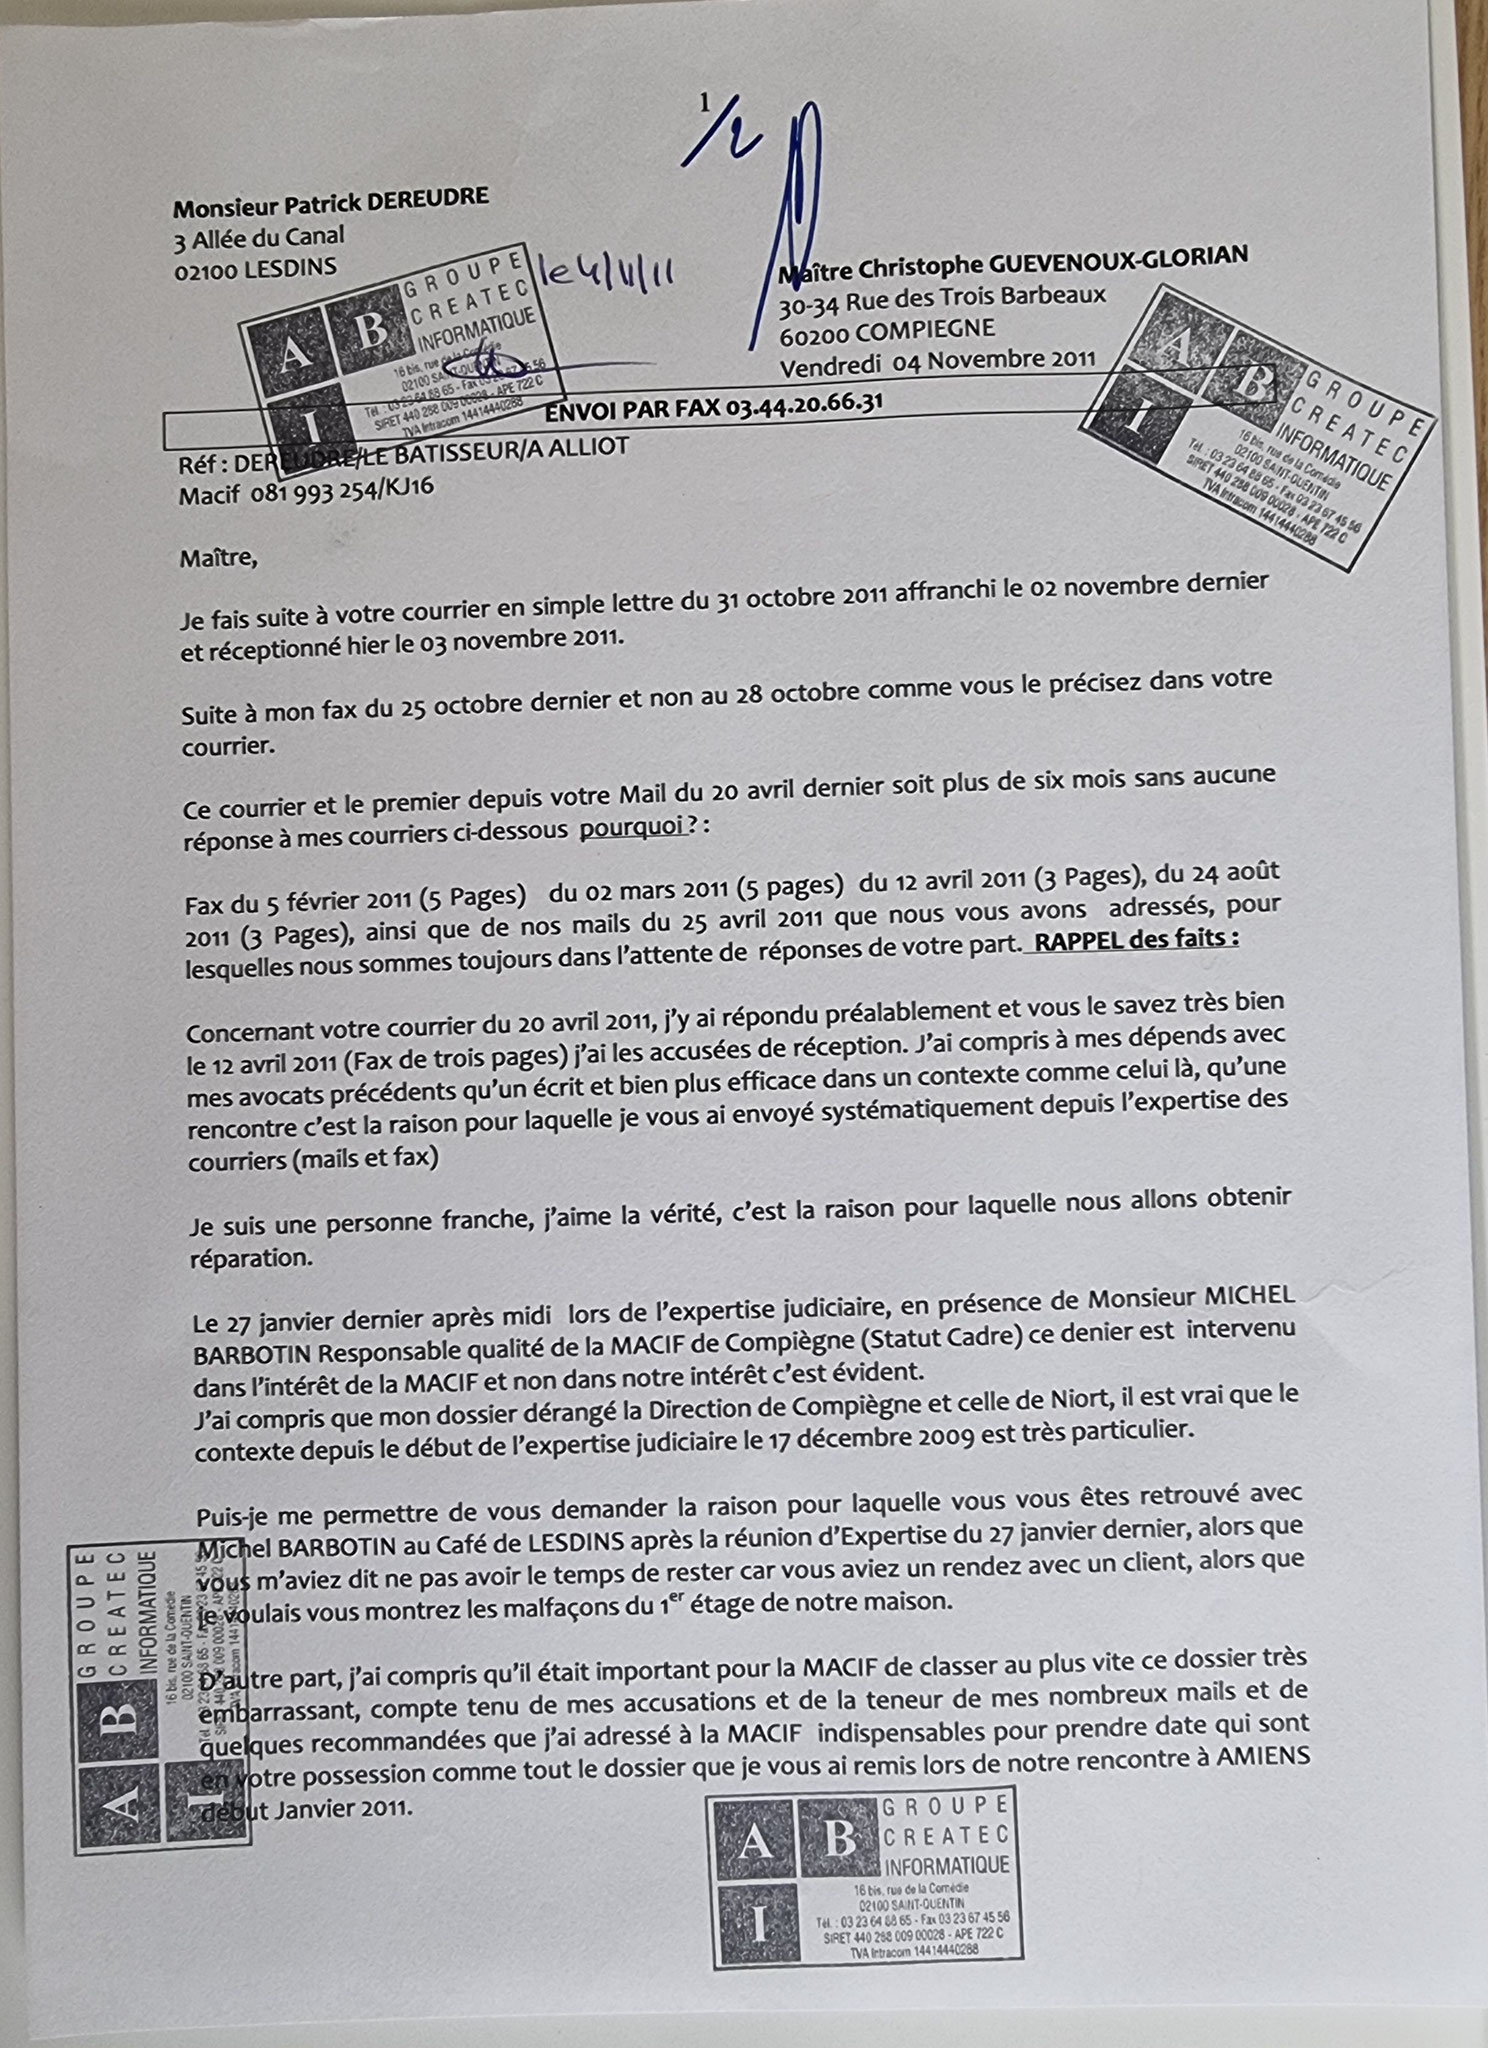 Le 04 Novembre 2011, j'adresse un fax de deux pages à Maître Christophe GUEVENOUX l'avocat de la Direction de la MACIF.     INACCEPTABLE  BORDERLINE    EXPERTISES JUDICIAIRES ENTRE COPAINS...  www.jenesuispasunchien.fr www.jesuispatrick.fr